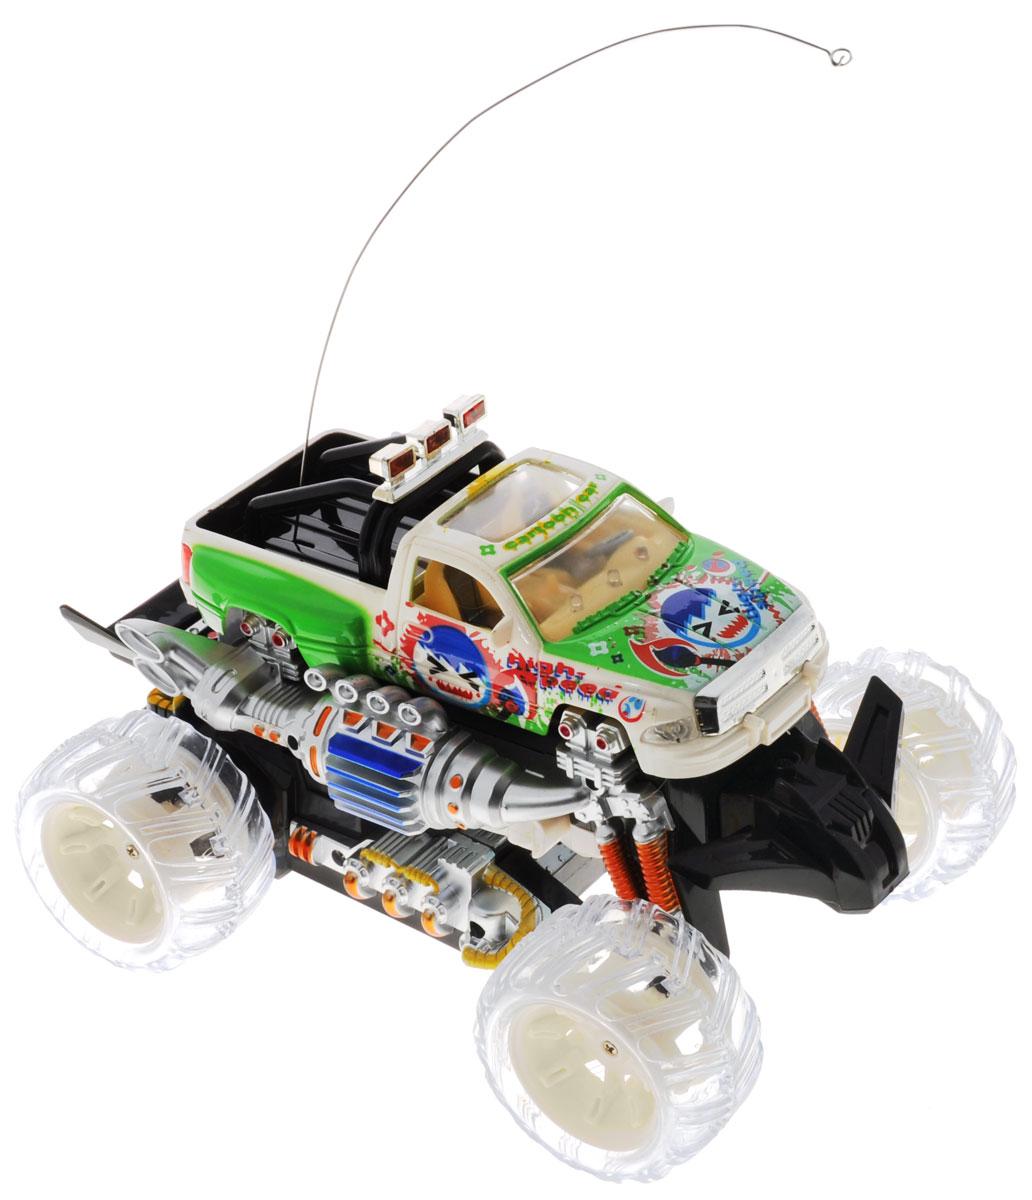 """Радиоуправляемая машинка-трансформер Zhorya """"Автоагент"""" обязательно привлечет внимание и взрослого, и ребенка, и несомненно понравится любому мальчишке. Игрушка выполнена в виде монстр-трака, который нажатием кнопки трансформируется в боевого робота. Детализированный корпус машинки изготовлен из металла, а внешние элементы из мягкого пластика. Модель имеет прорезиненные колесики, которые обеспечивают надежное сцепление с поверхностью, и дополнена лампочками со световыми эффектами. Колеса вращаются независимо друг от друга. Игрушка может вращаться на 360°, она двигается вперед, дает задний ход, поворачивает влево и вправо, останавливается. Игрушка также дополнена русскоязычными звуковыми эффектами. Пульт имеет эргономичные ручки, благодаря чему его удобно держать. Ваш ребенок часами будет играть с моделью, придумывая различные истории и устраивая соревнования. Порадуйте его таким замечательным подарком! Для работы пульта управления необходим аккумулятор 9V (входит..."""